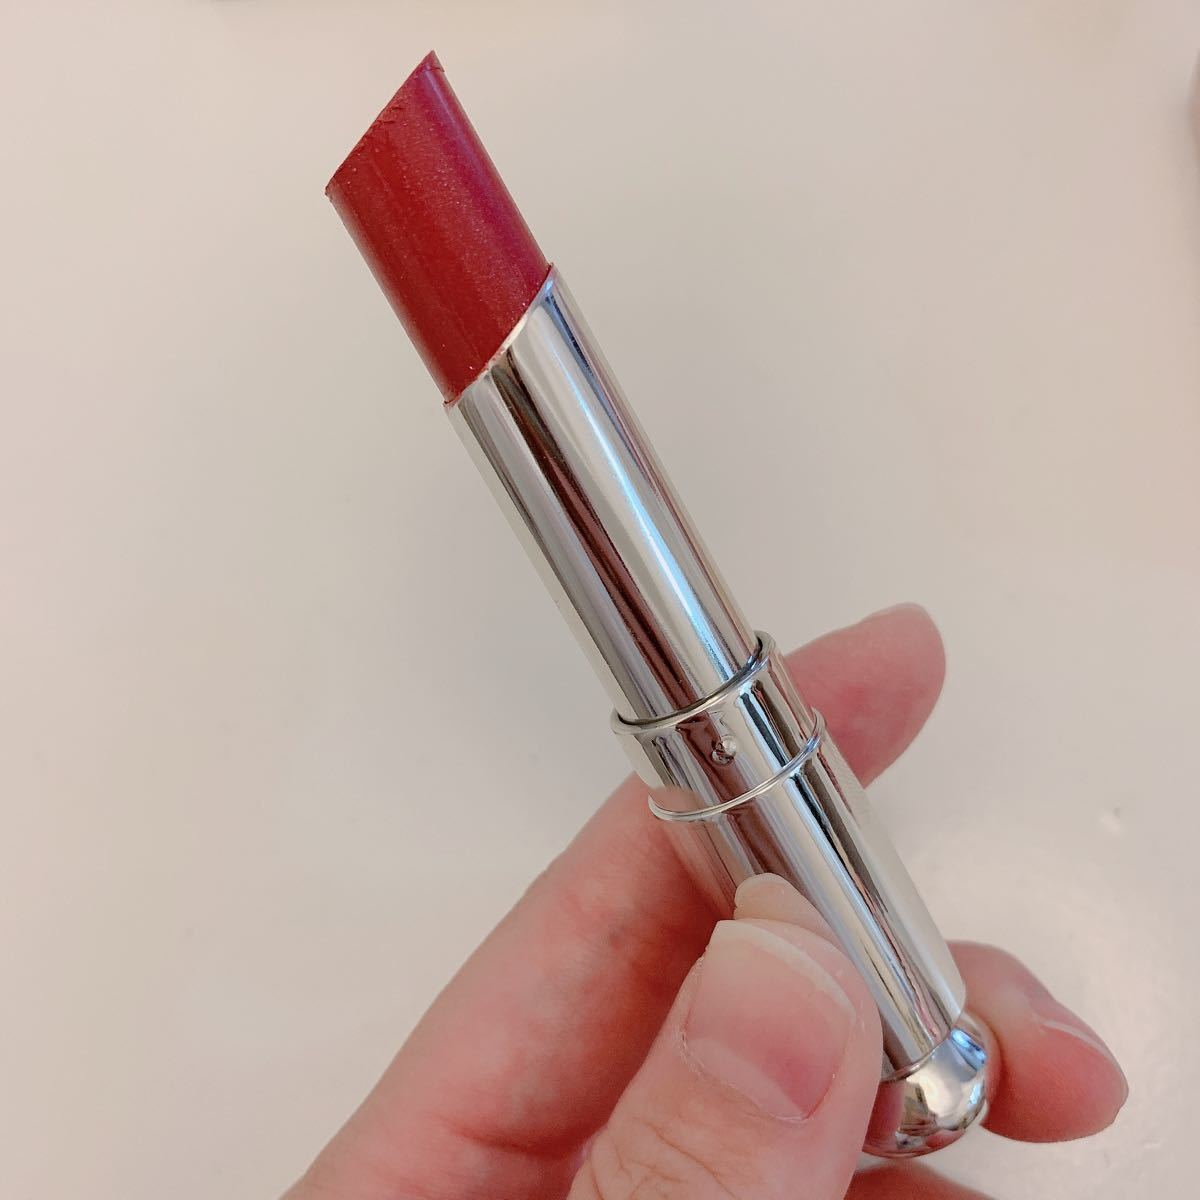 Dior 口紅 リップスティック ルージュ ADDICT ディオールアディクトリップスティック ディオールアディクト